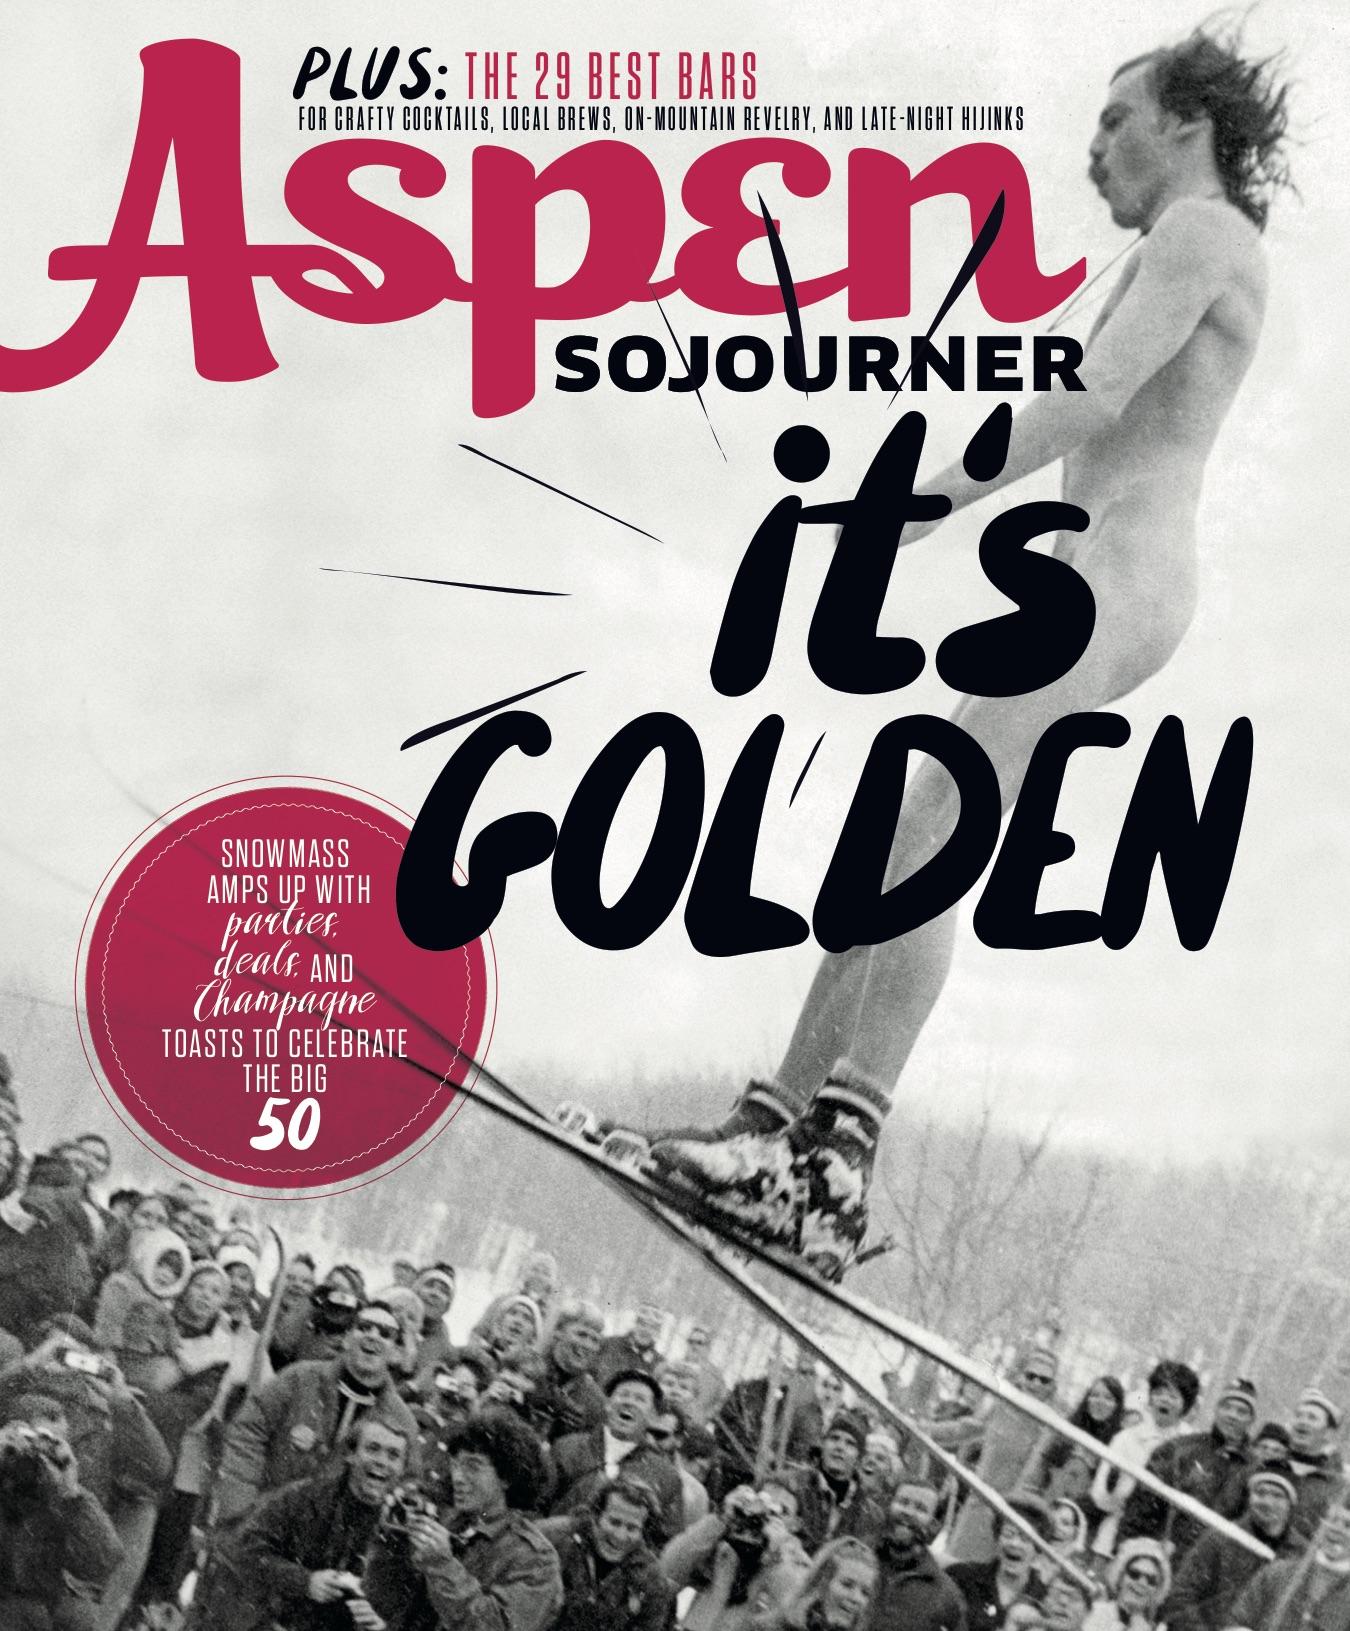 aspen-sojourner-mountain-homestylev2.jpg